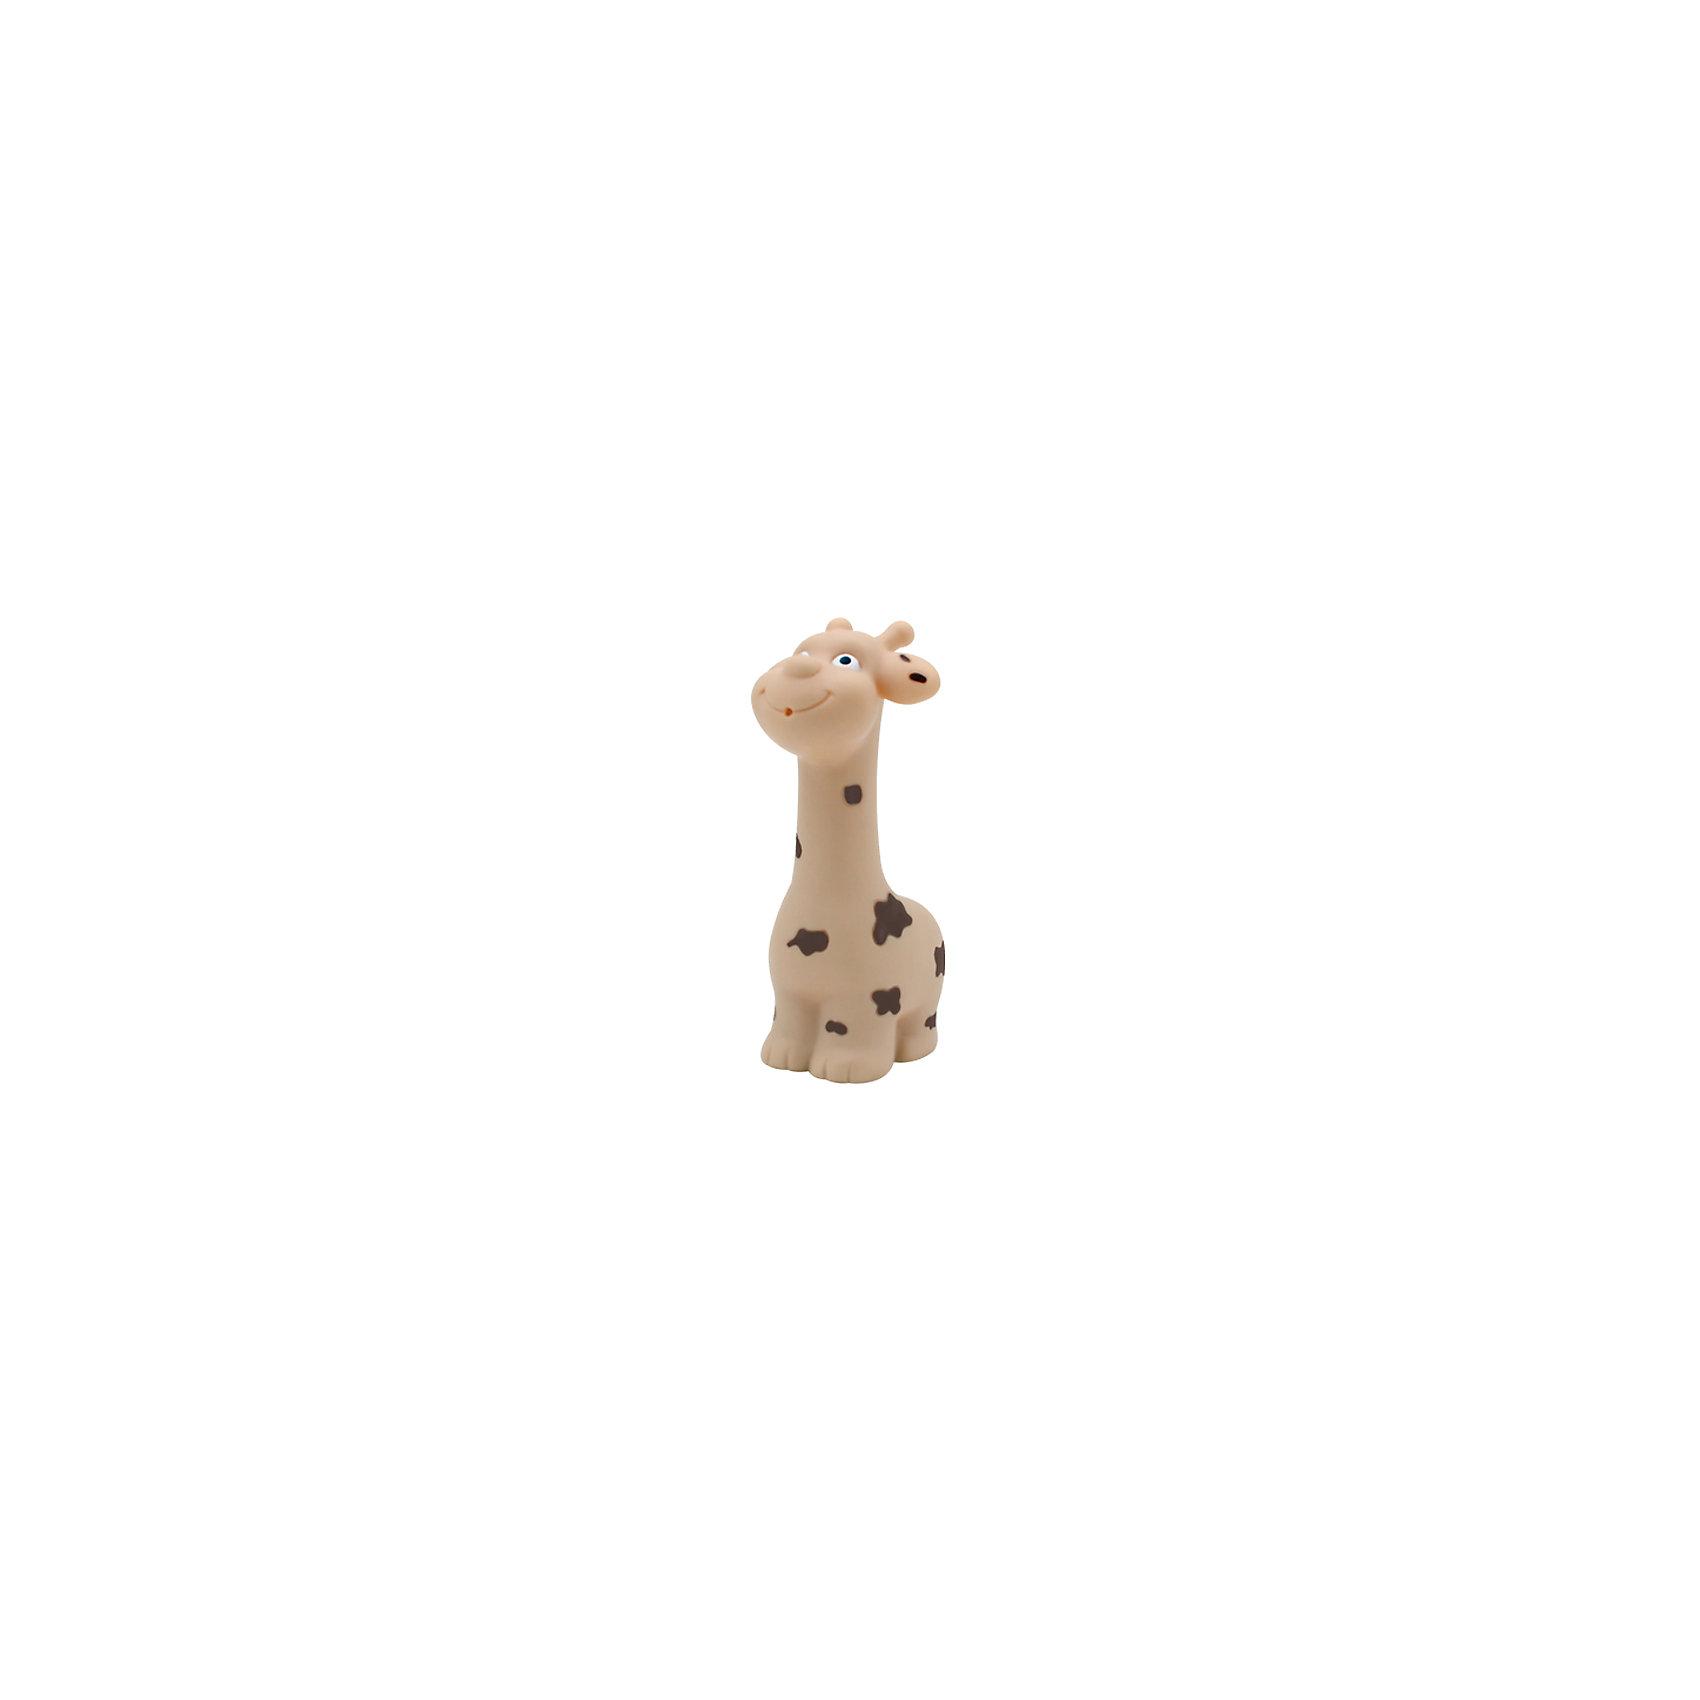 Игрушка для купания Жираф- пищалка с 12 мес., LUBBYИгрушки для ванны<br>Игрушка для купания Жираф-пищалка торговой  марки LUBBY  понравится любому малышу. Жирафик превратит процесс купанья ребенка в увлекательную  игру. Удобная форма и расцветка, приближенная к натуральной, сделают игрушку самой любимой.<br><br>Дополнительная информация: <br><br>- состав: поливинилхлорид (пвх) высокого качества<br>- срок службы: 3 года<br><br>Игрушку  для купания Жираф-пищалка можно купить в нашем интернет-магазине.<br><br>Ширина мм: 250<br>Глубина мм: 200<br>Высота мм: 150<br>Вес г: 200<br>Возраст от месяцев: 12<br>Возраст до месяцев: 36<br>Пол: Унисекс<br>Возраст: Детский<br>SKU: 4801575